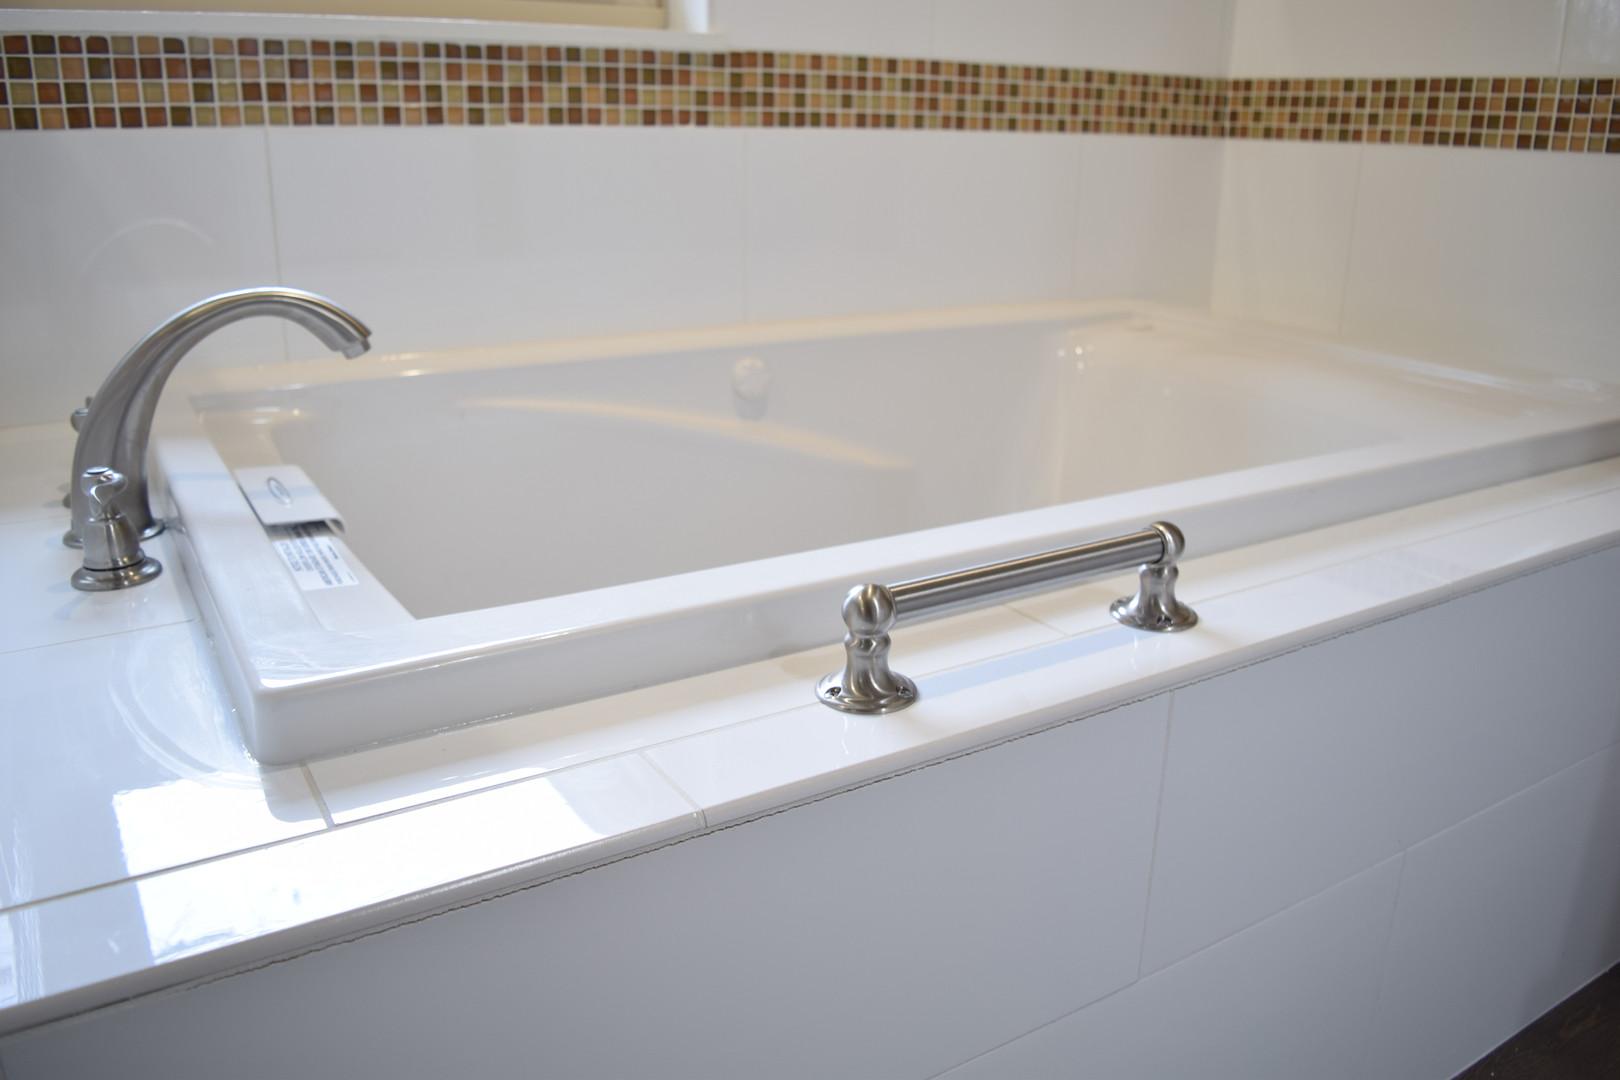 Brown Border Tile and White Bathroom Tub